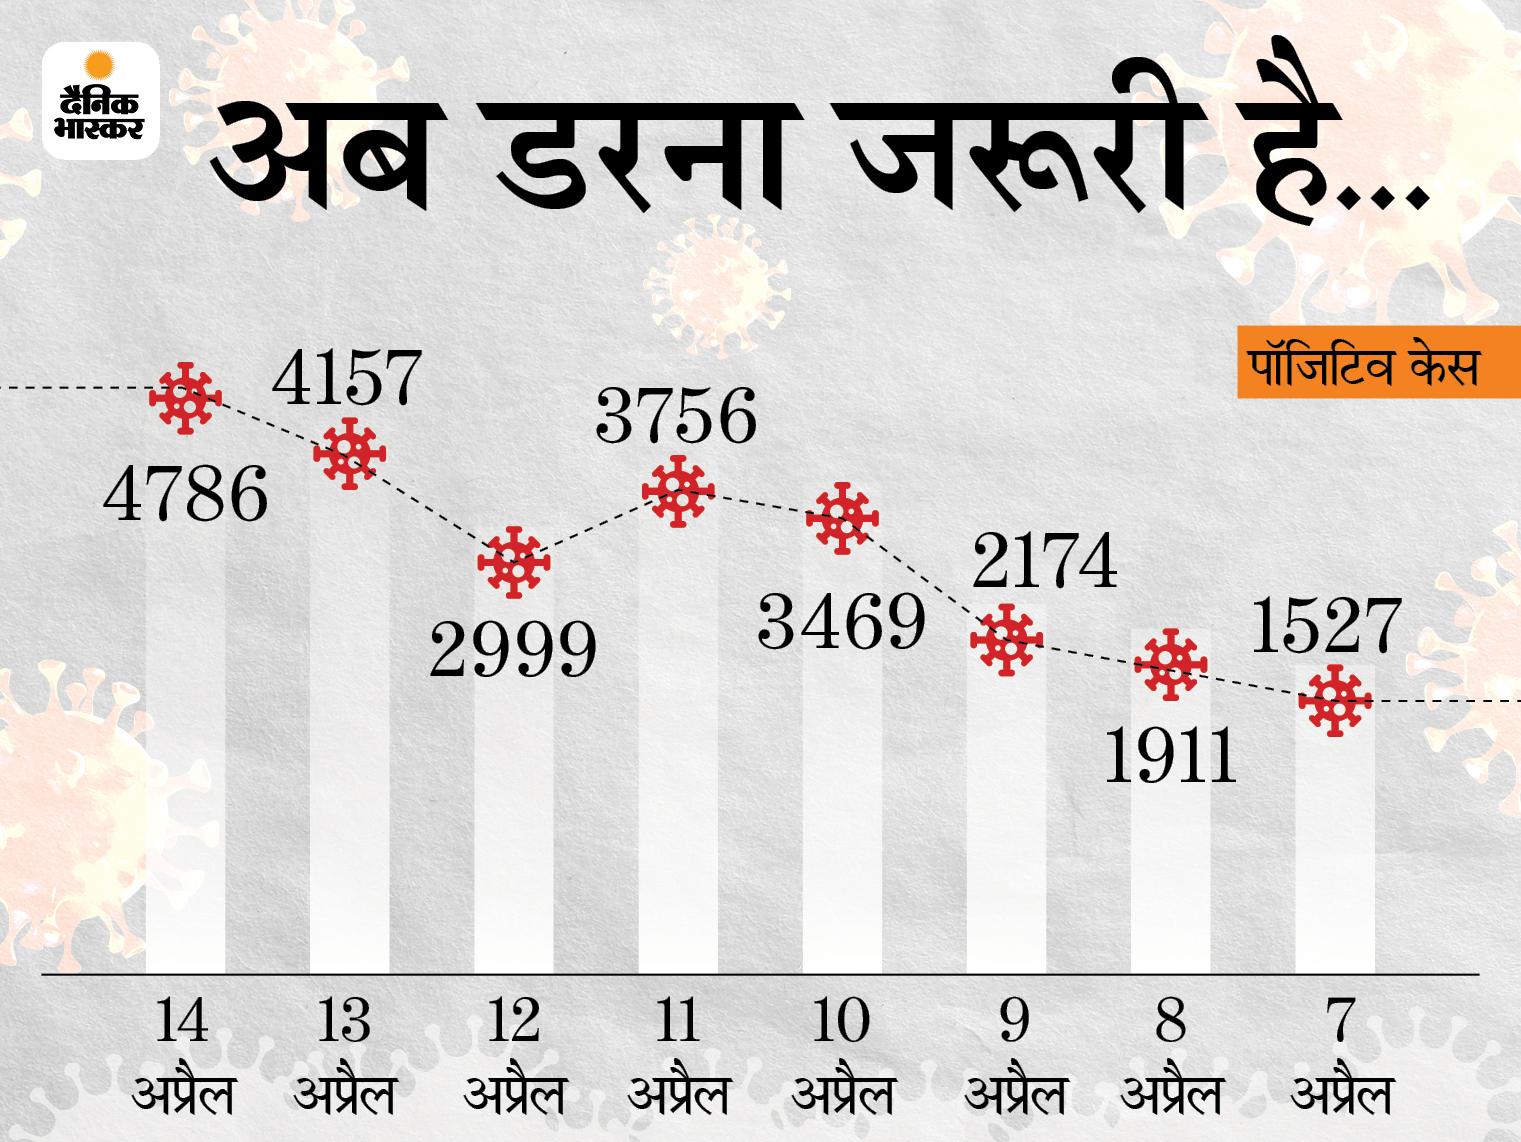 अप्रैल लिख रहा मौत की कहानी, ठंडी नहीं पड़ रही चिता की आग; एक के बाद दूसरी लाश, 24 घंटे में आए 4786 पॉजिटिव केस पटना,Patna - Dainik Bhaskar